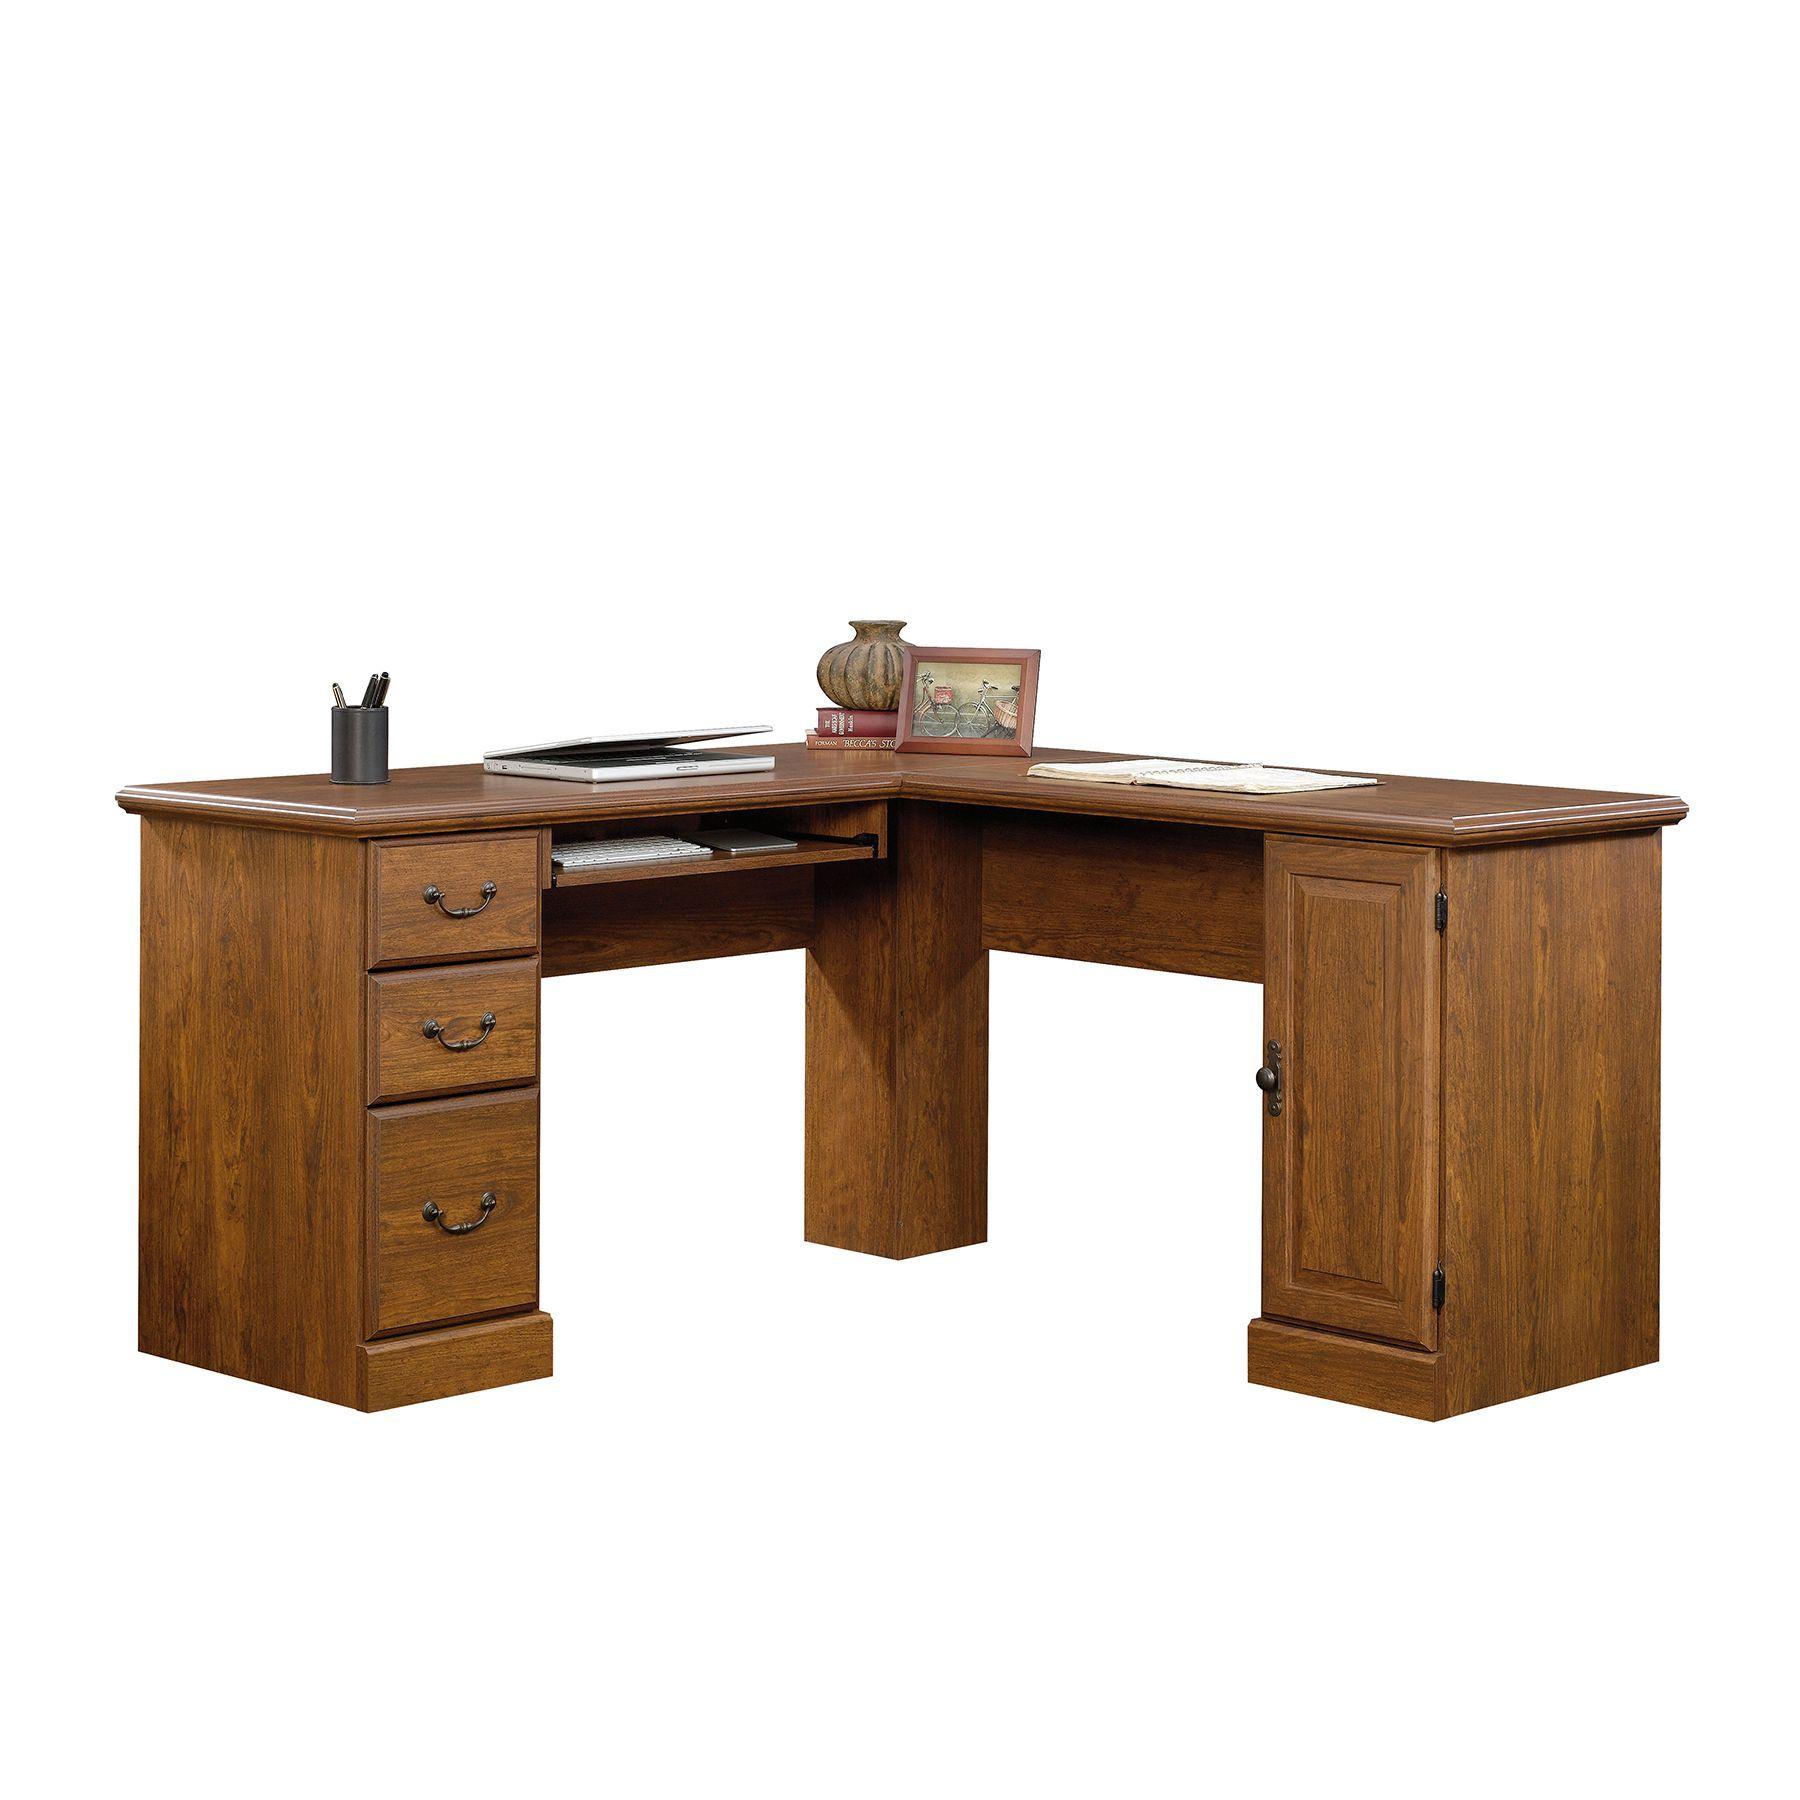 99+ Sauder orchard Hills Corner Computer Desk - Home Office ...